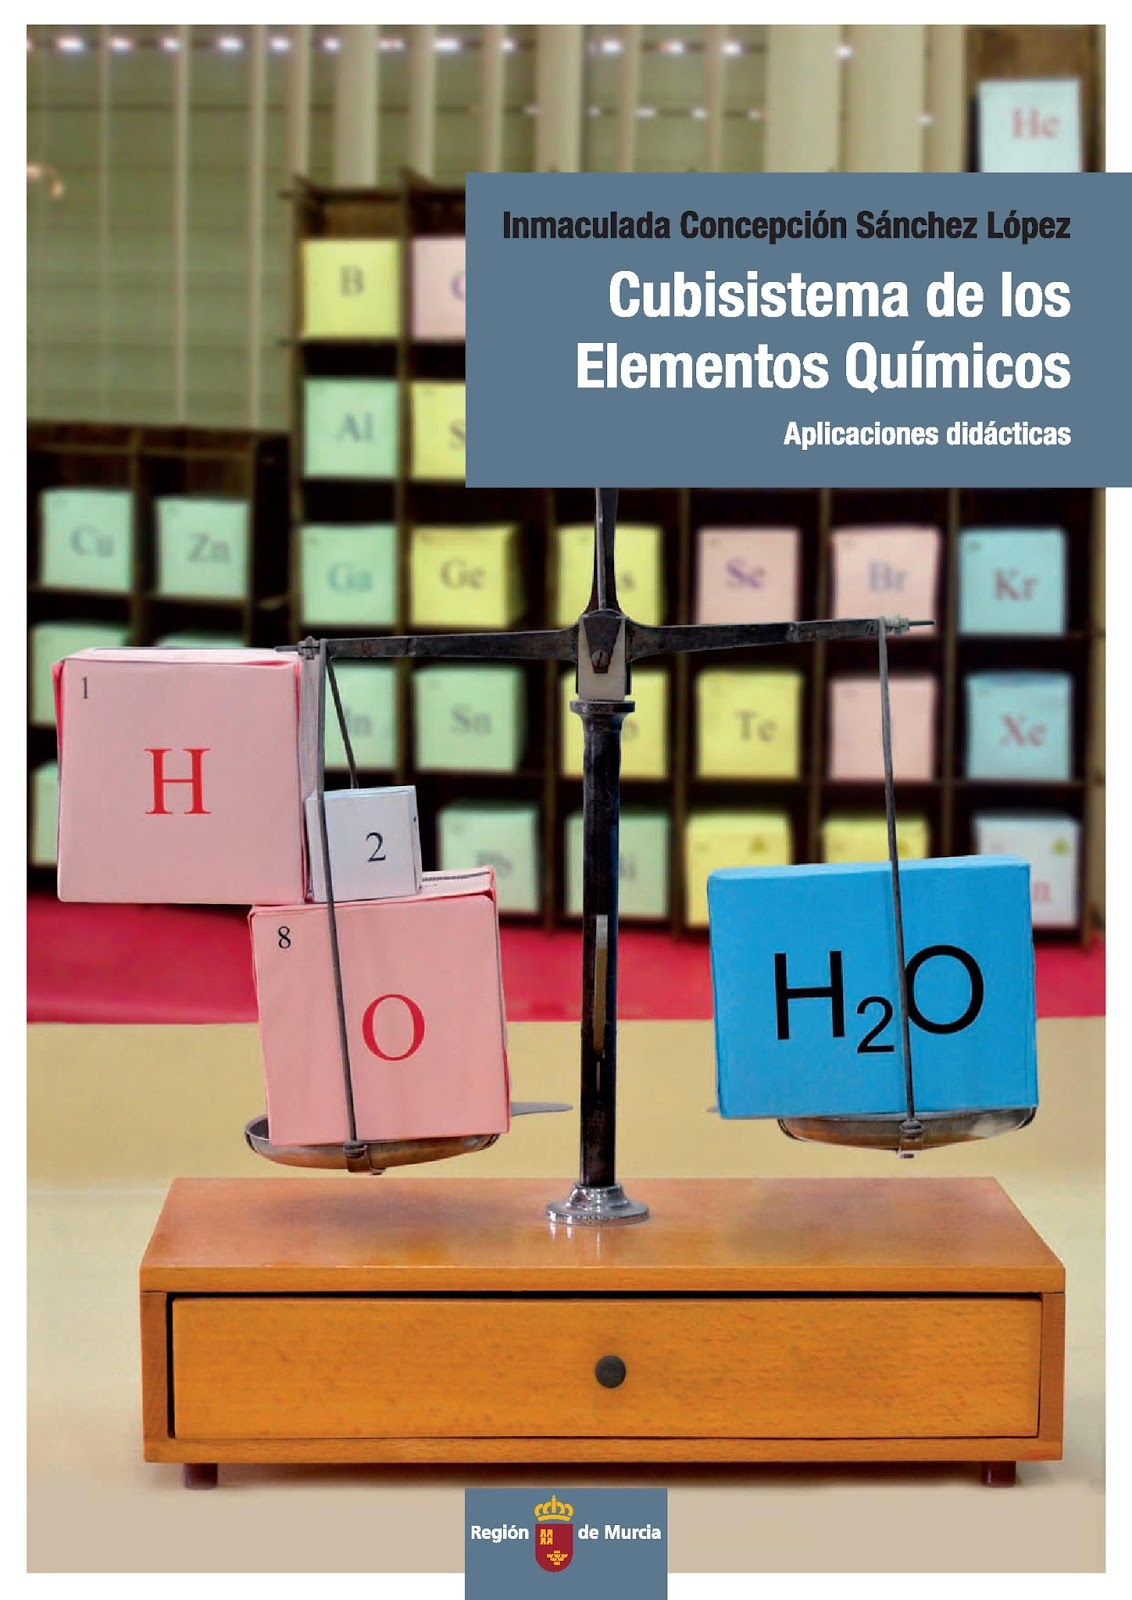 Cubisistema de los elementos químicos: Aplicaciones didácticas